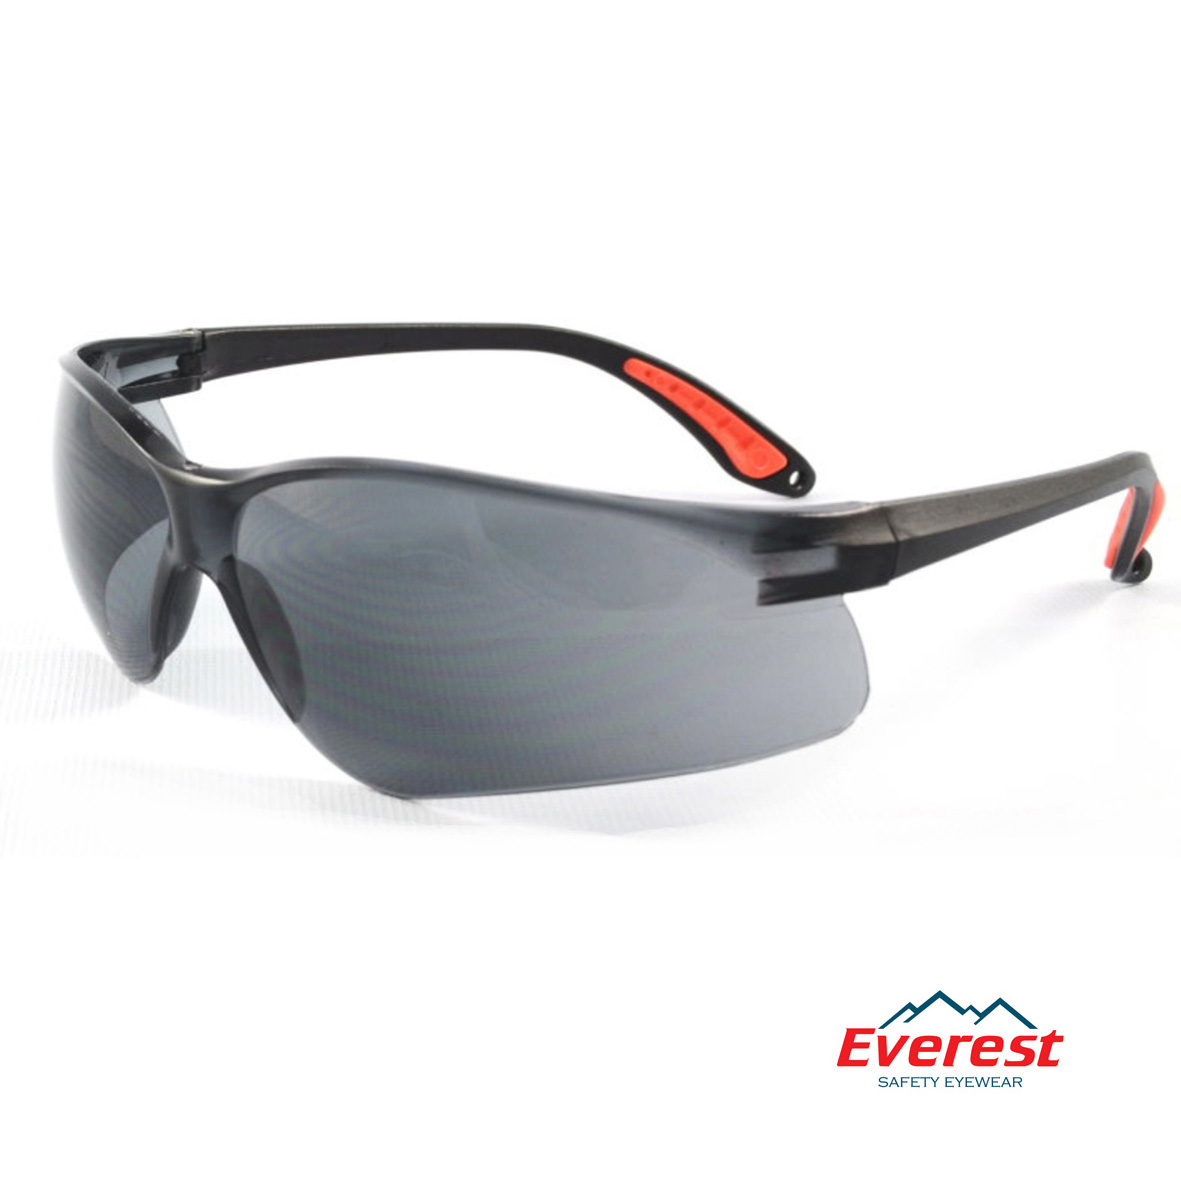 Kính bảo hộ EV202 màu trắng, kính chống bụi EV202 màu trắng, kính bảo hộ chống bụi, kính chống bụi EV202, kính chống tia uv EV202